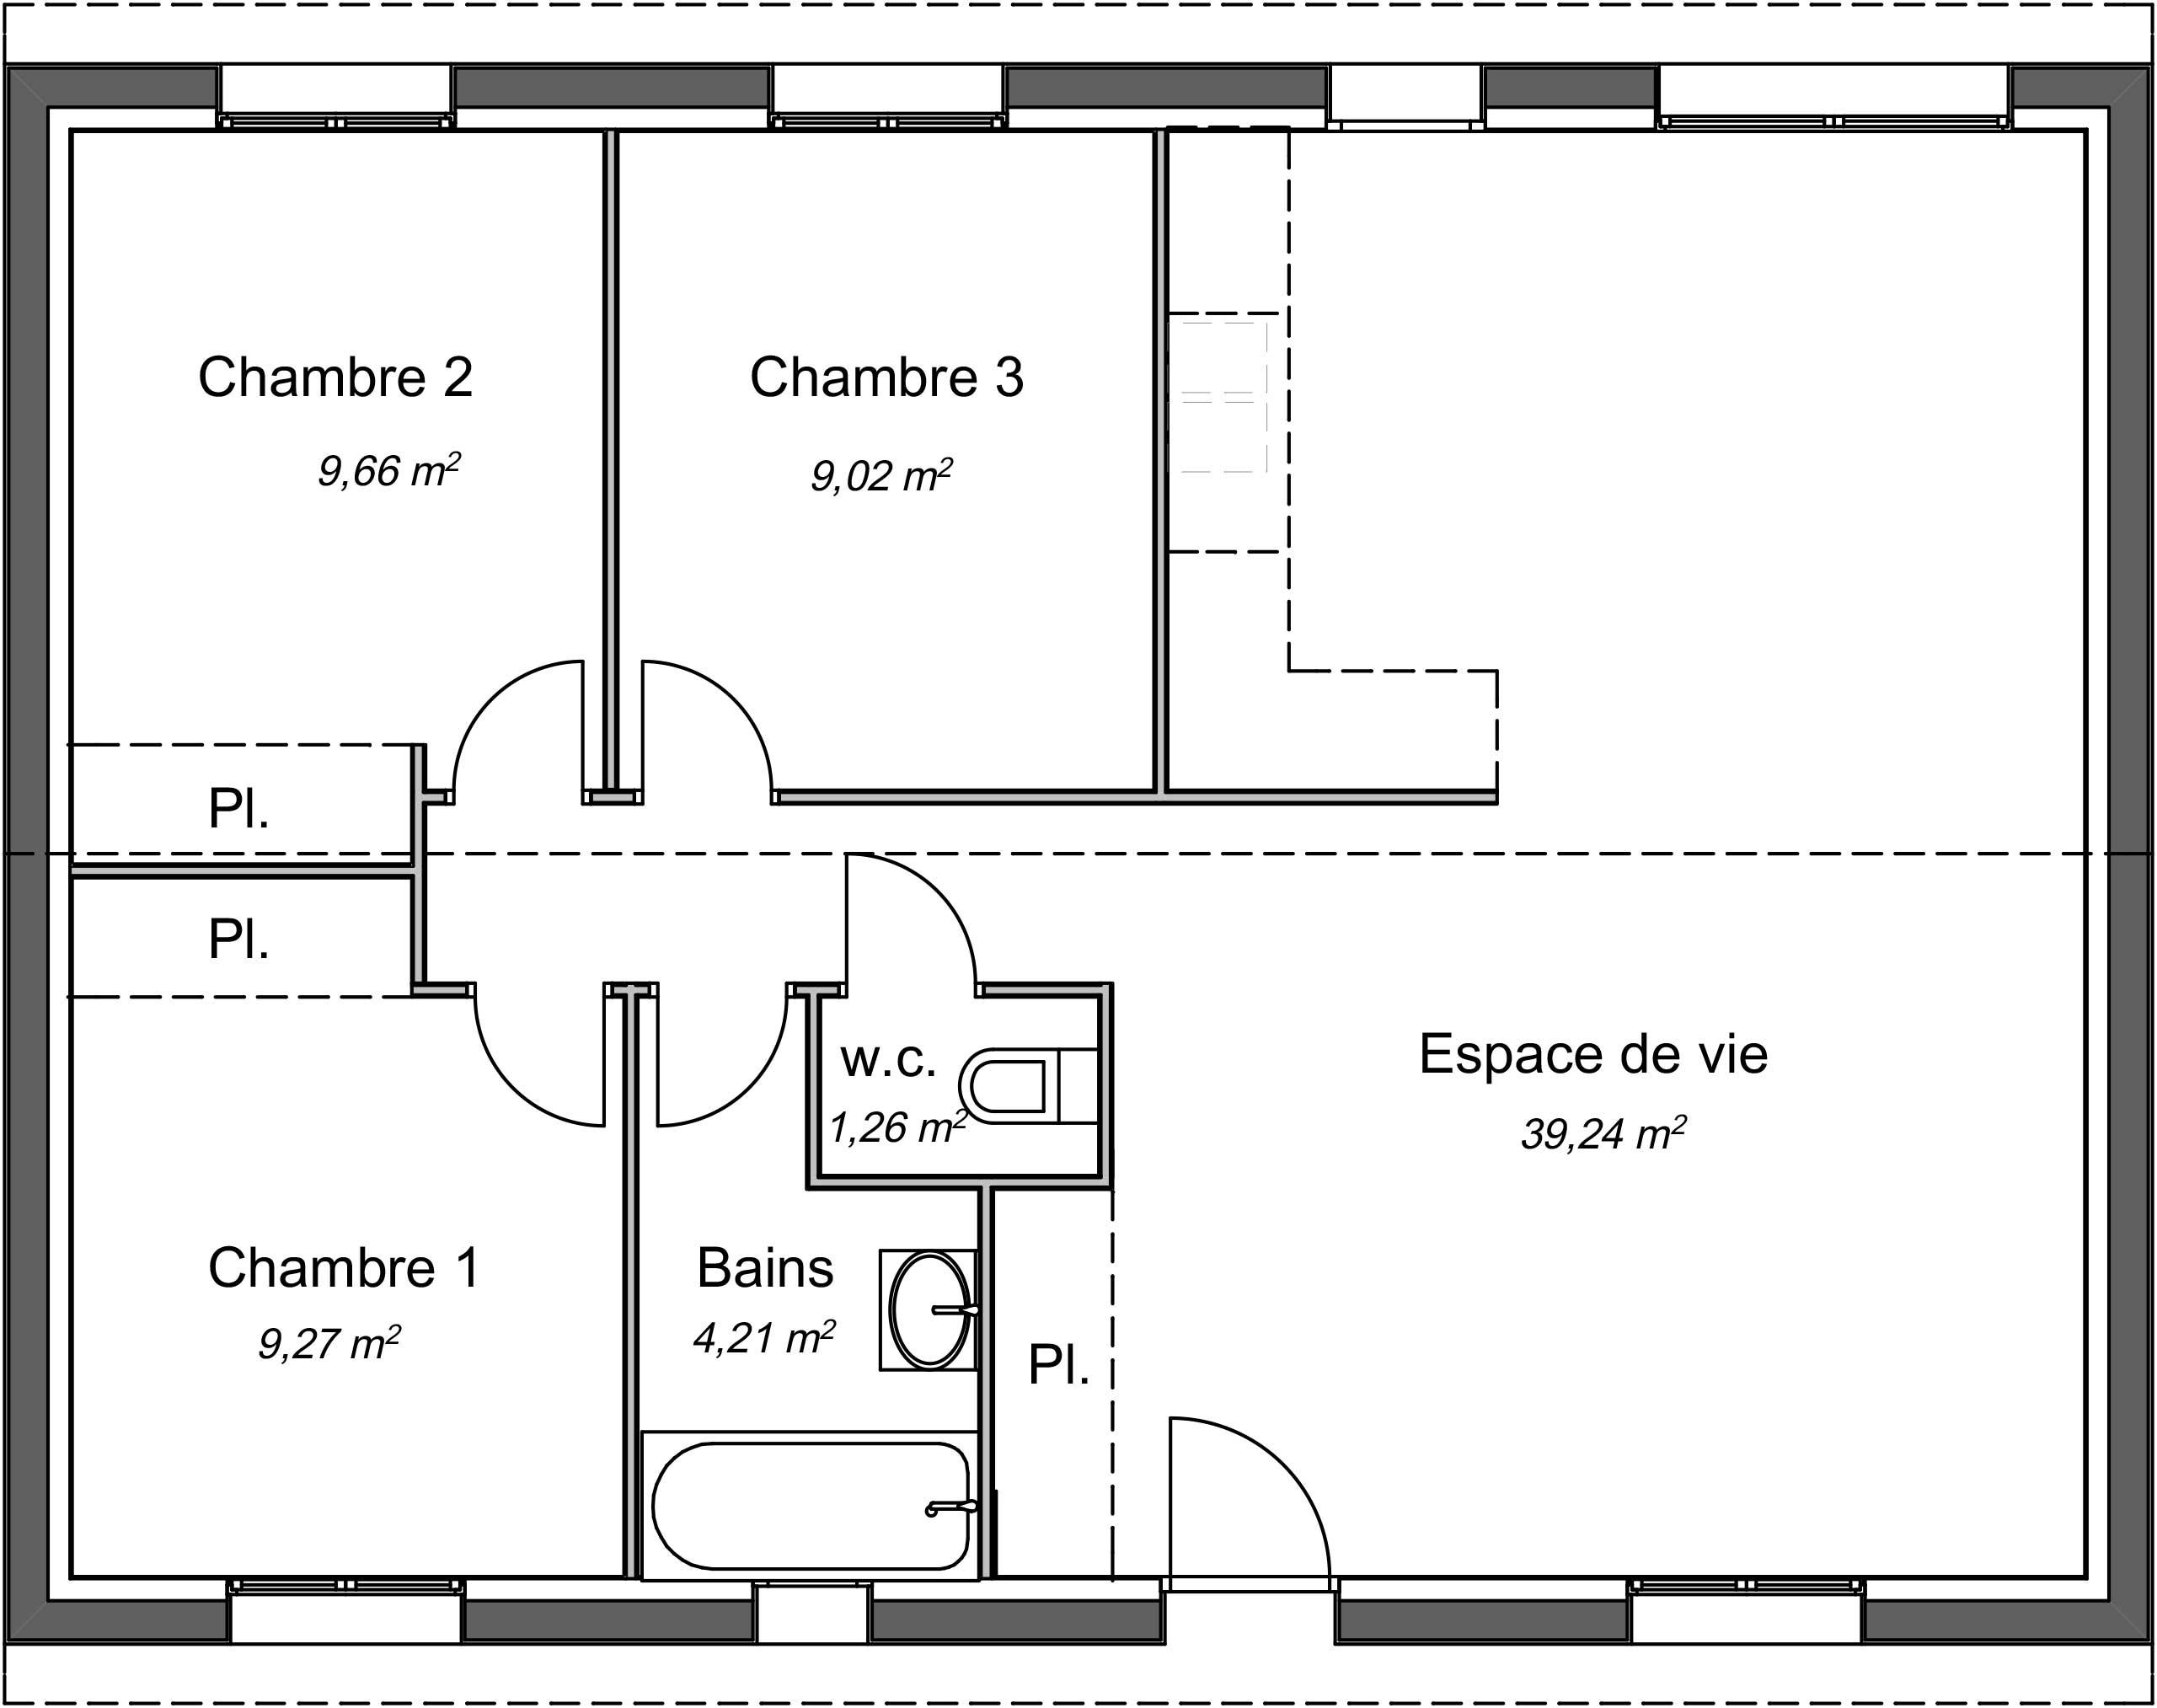 Maison Contemporaine Plain Pied Magnolia Avec Plans Demeures D Occitanie Constructeur Maison Individuelle Occitanie Region Sud